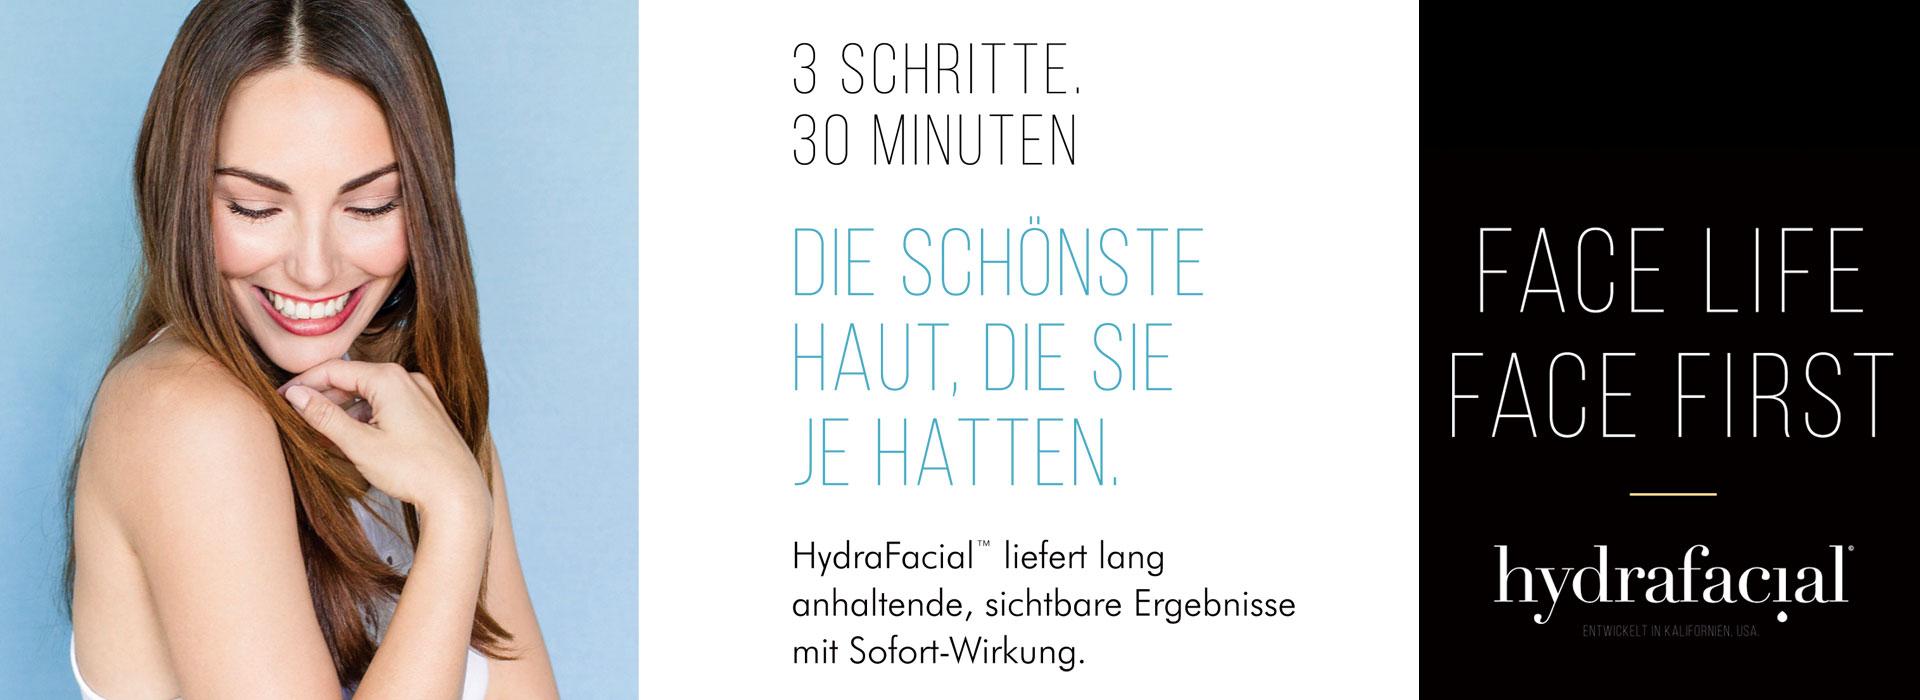 HydraFacial™ liefert lang anhaltende, sichtbare Ergebnisse mit Sofort-Wirkung.